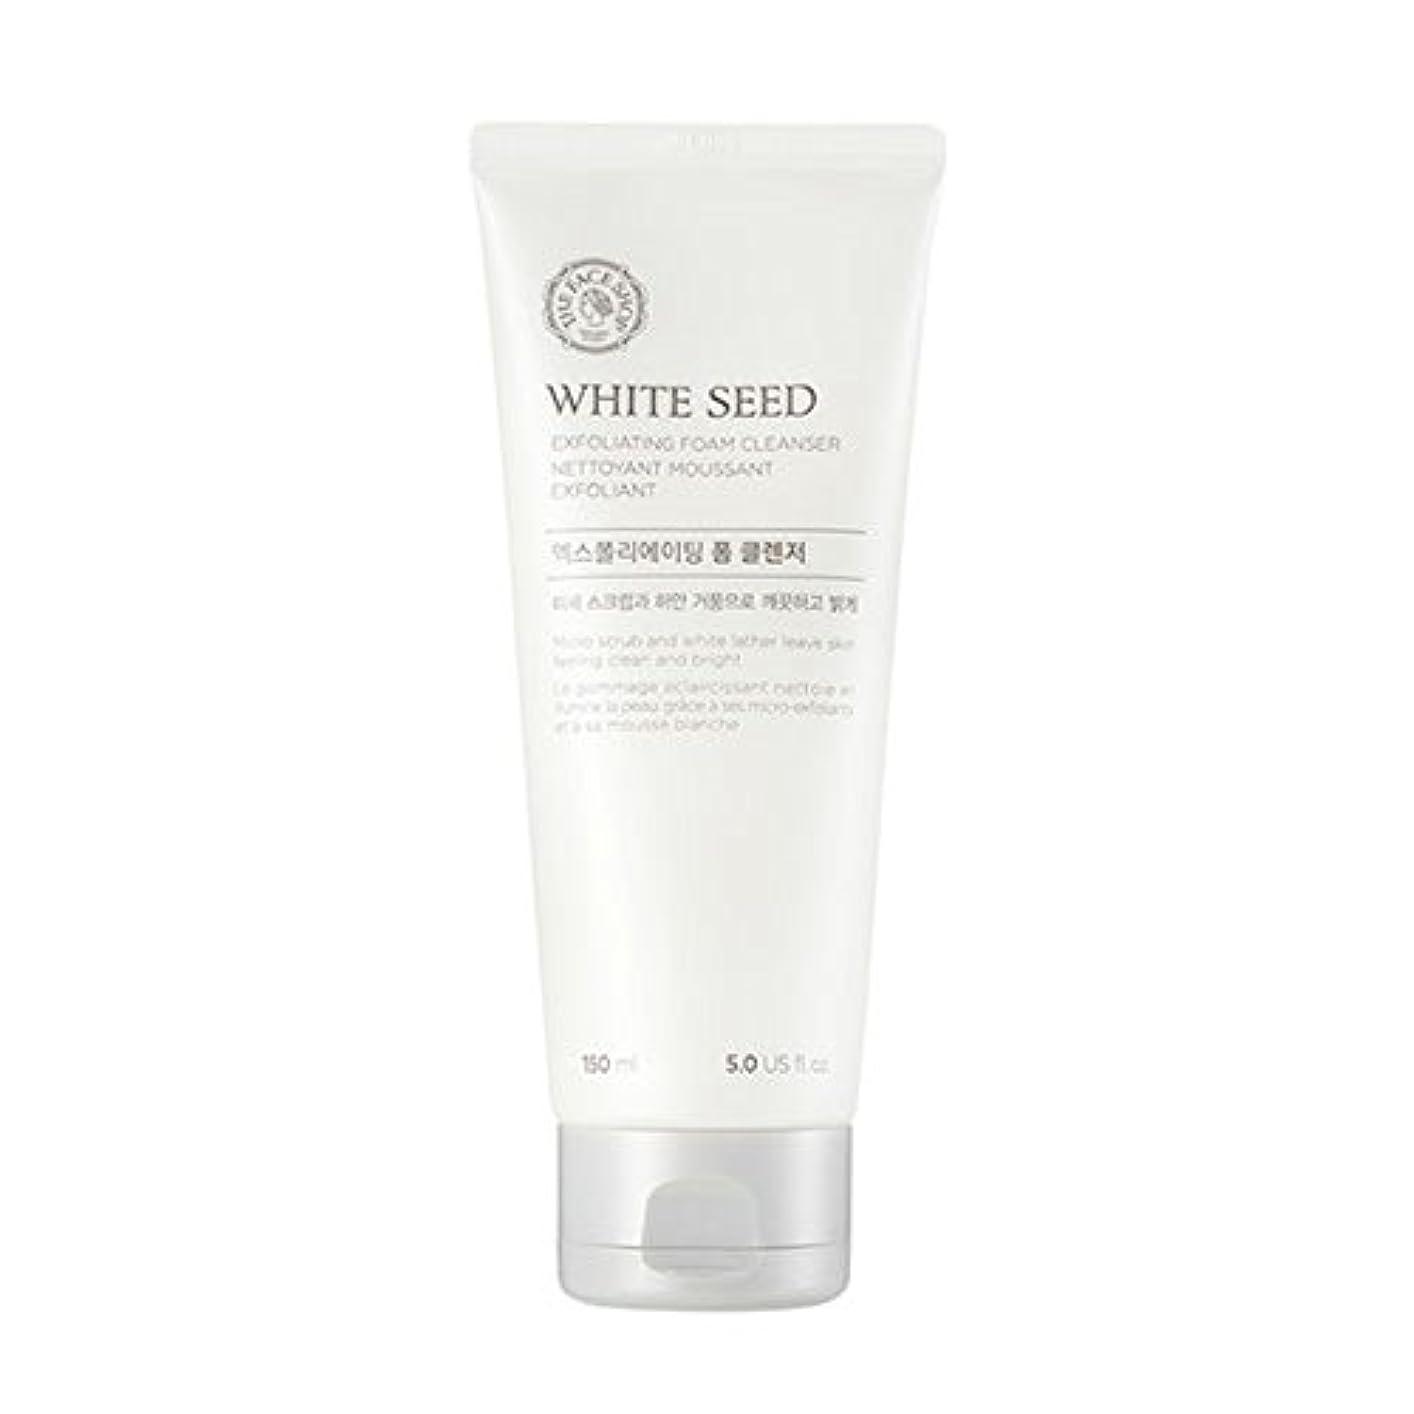 クラシカルアルカトラズ島クラック[ザフェイスショップ] The Face Shop ホワイトシードエクスフォリエイティングクレンザー(150ml) The Face Shop White Seed Exfoliating Foam Cleanser(150ml...